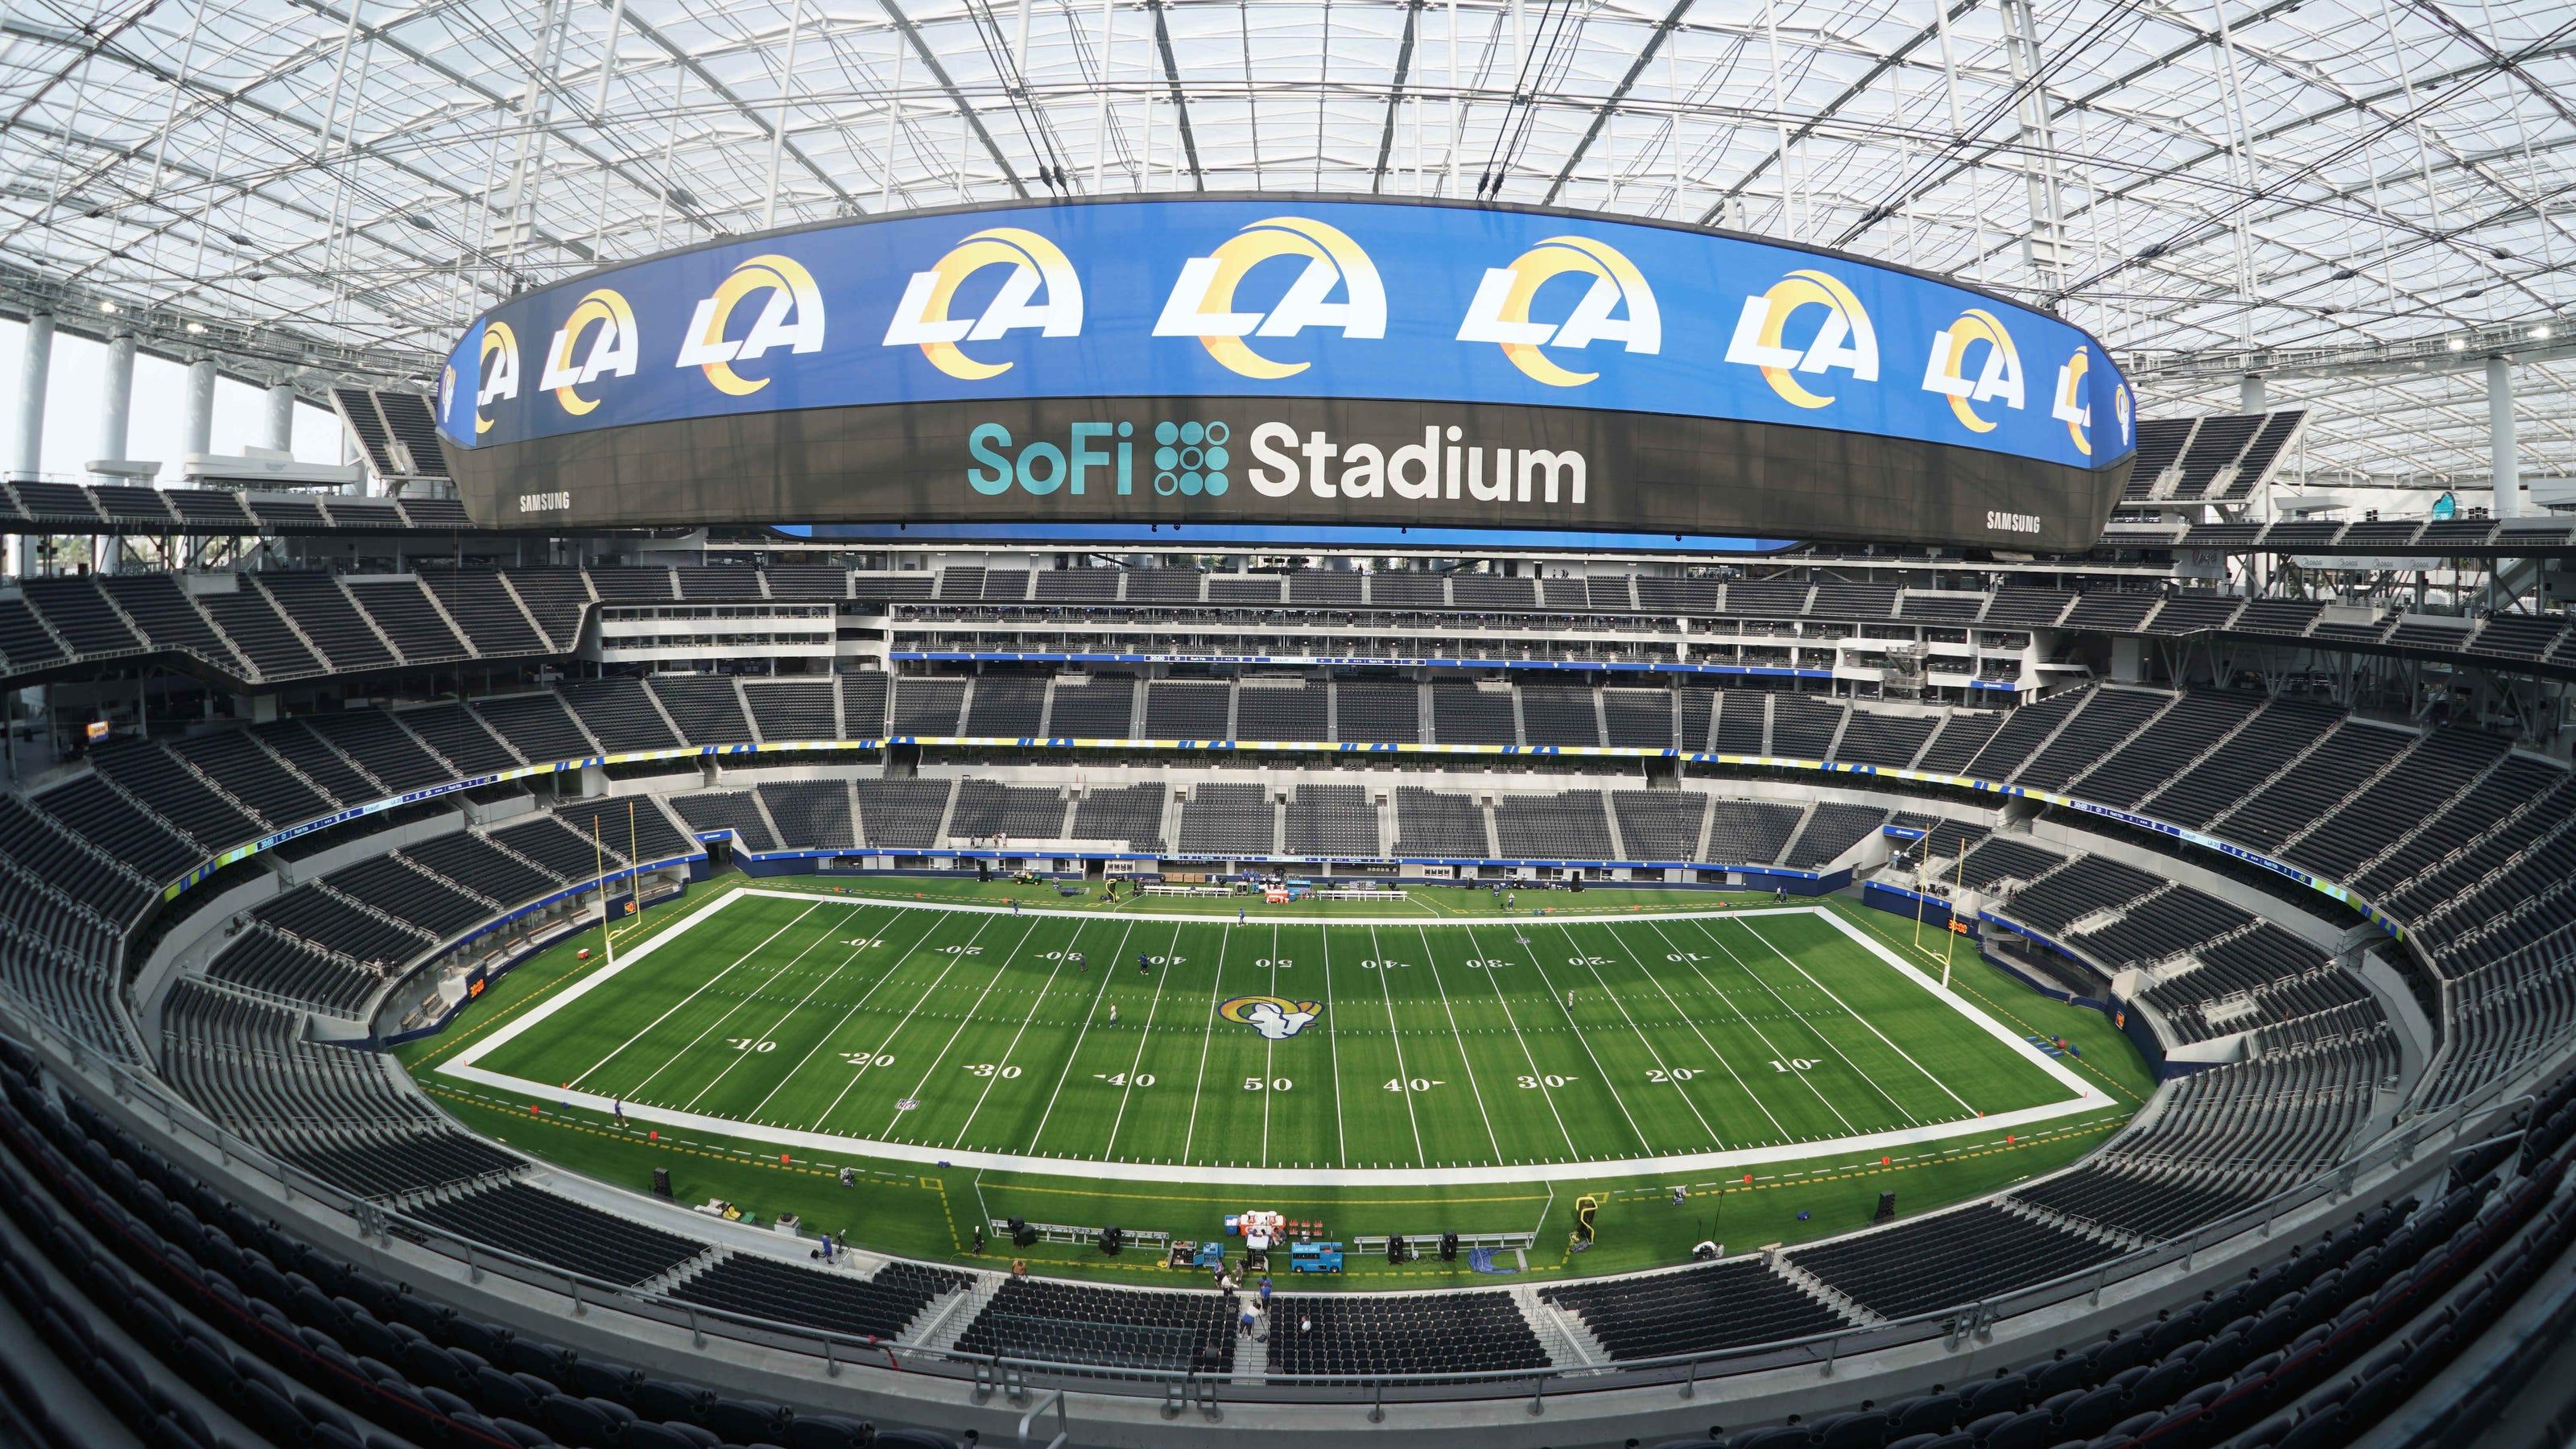 SoFi Stadium: $5 billion stadium to open Sunday in NFL Week 1